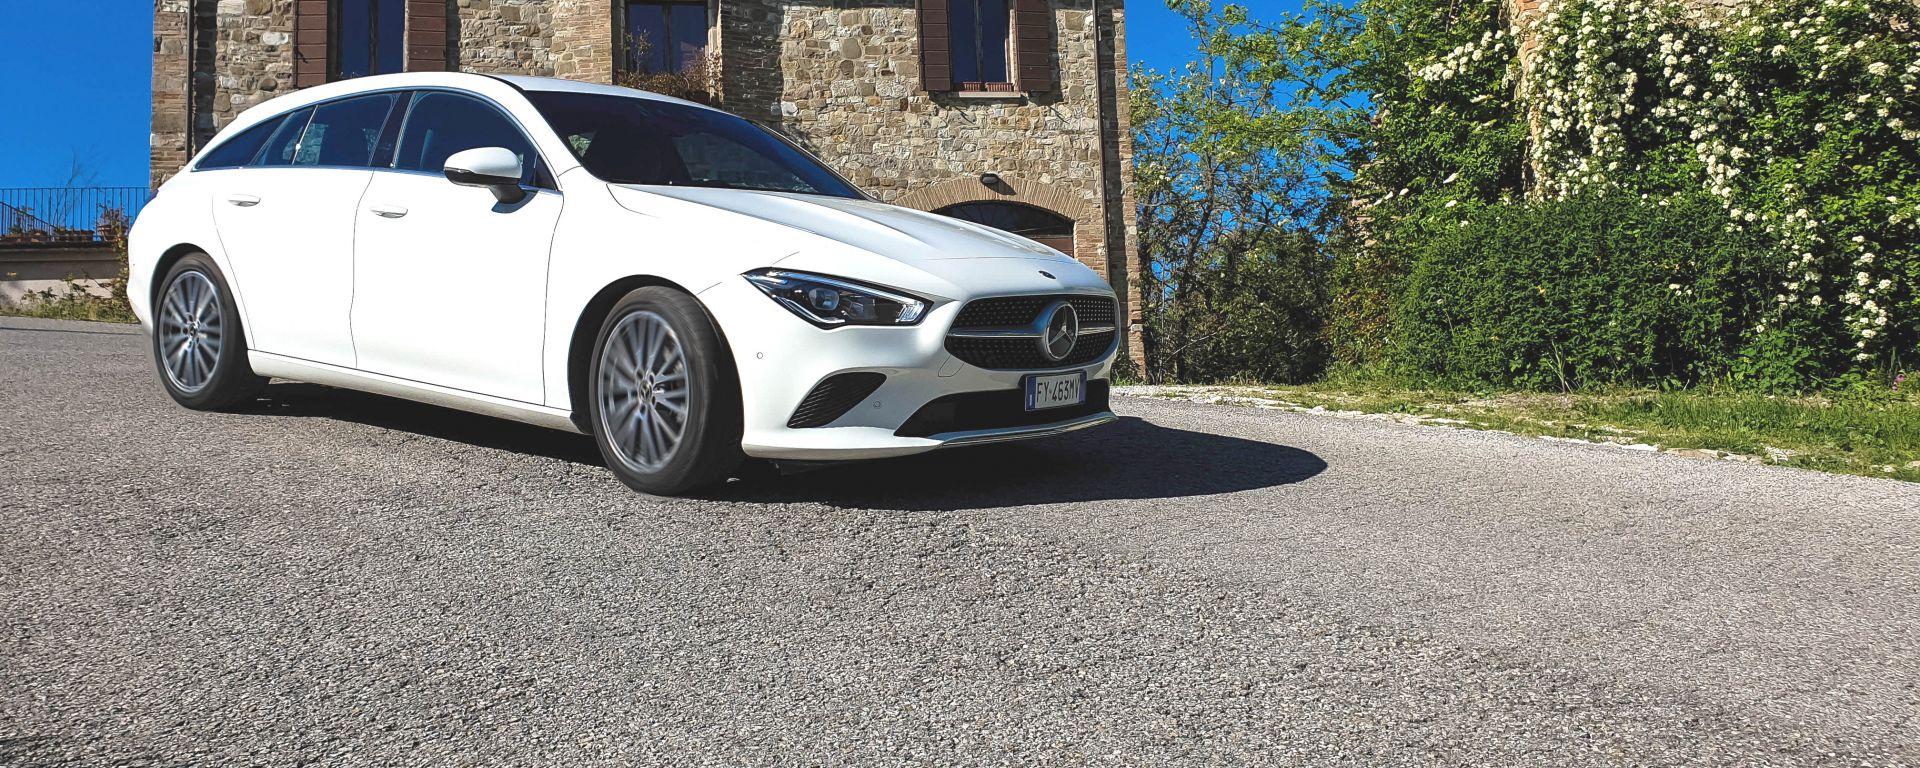 In prova con la Mercedes CLA Shooting Brake